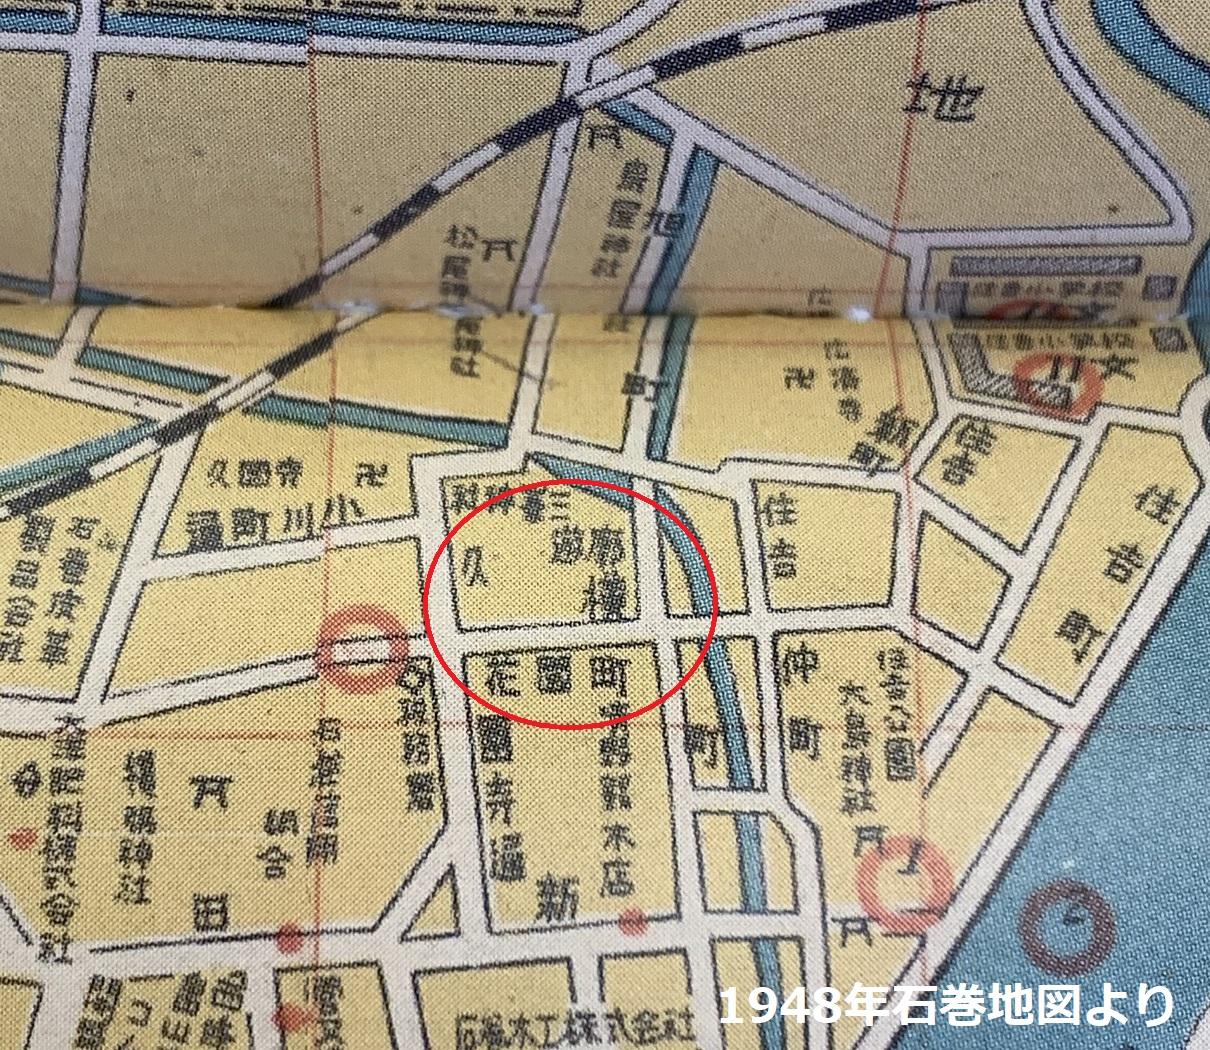 石巻遊郭赤線地図